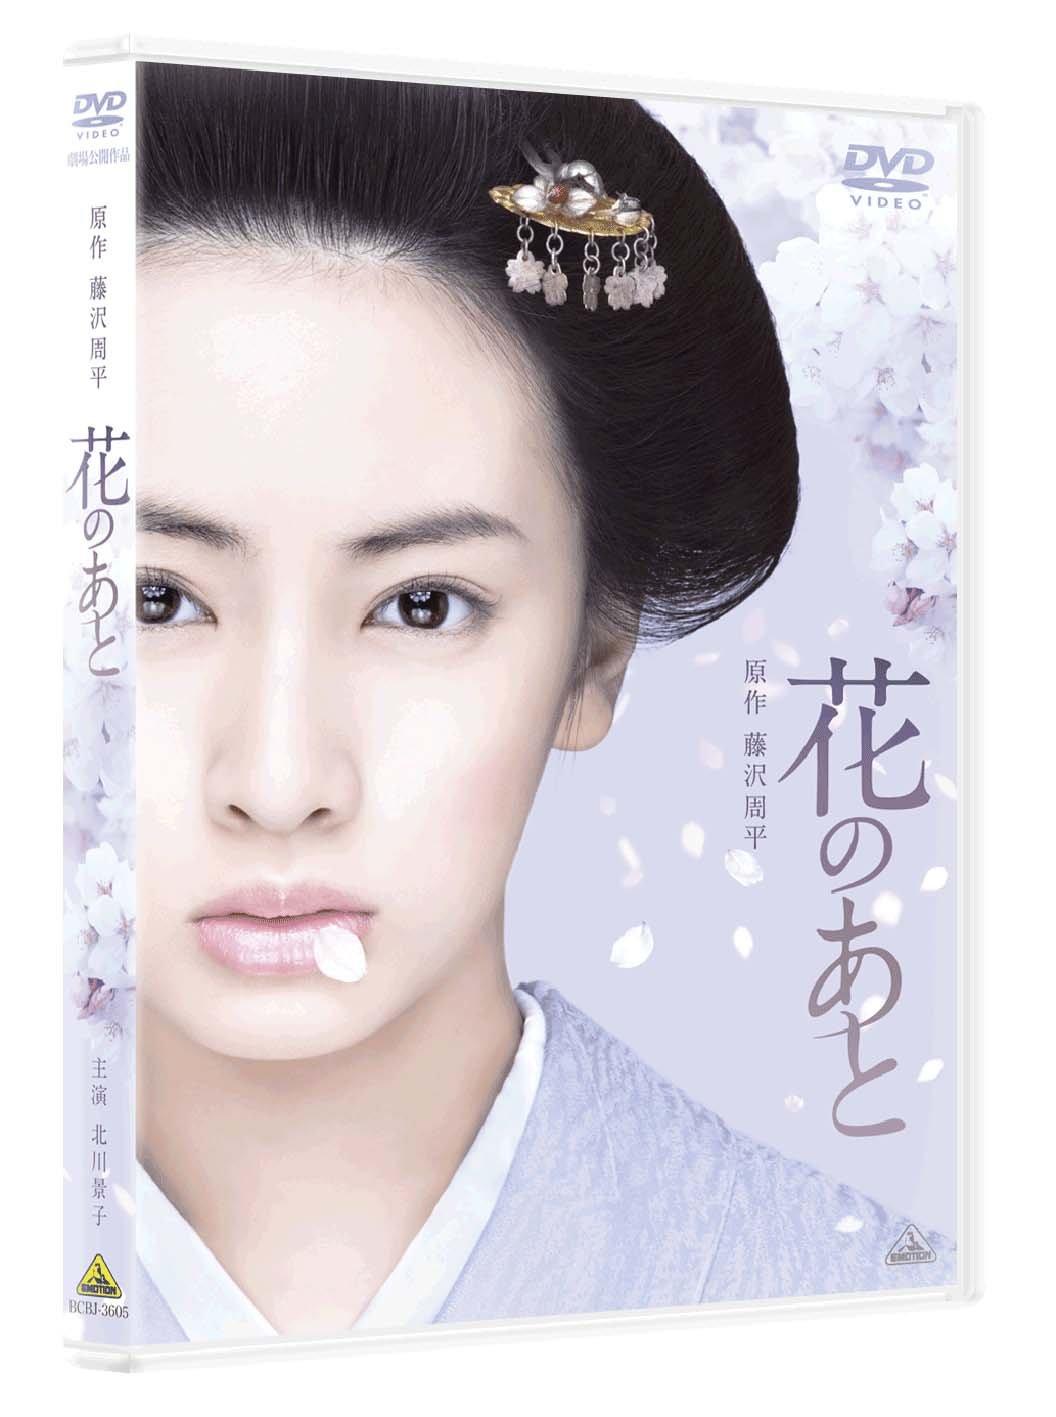 北川景子の凛々しく儚げな横顔が印象深い時代劇『花のあと』